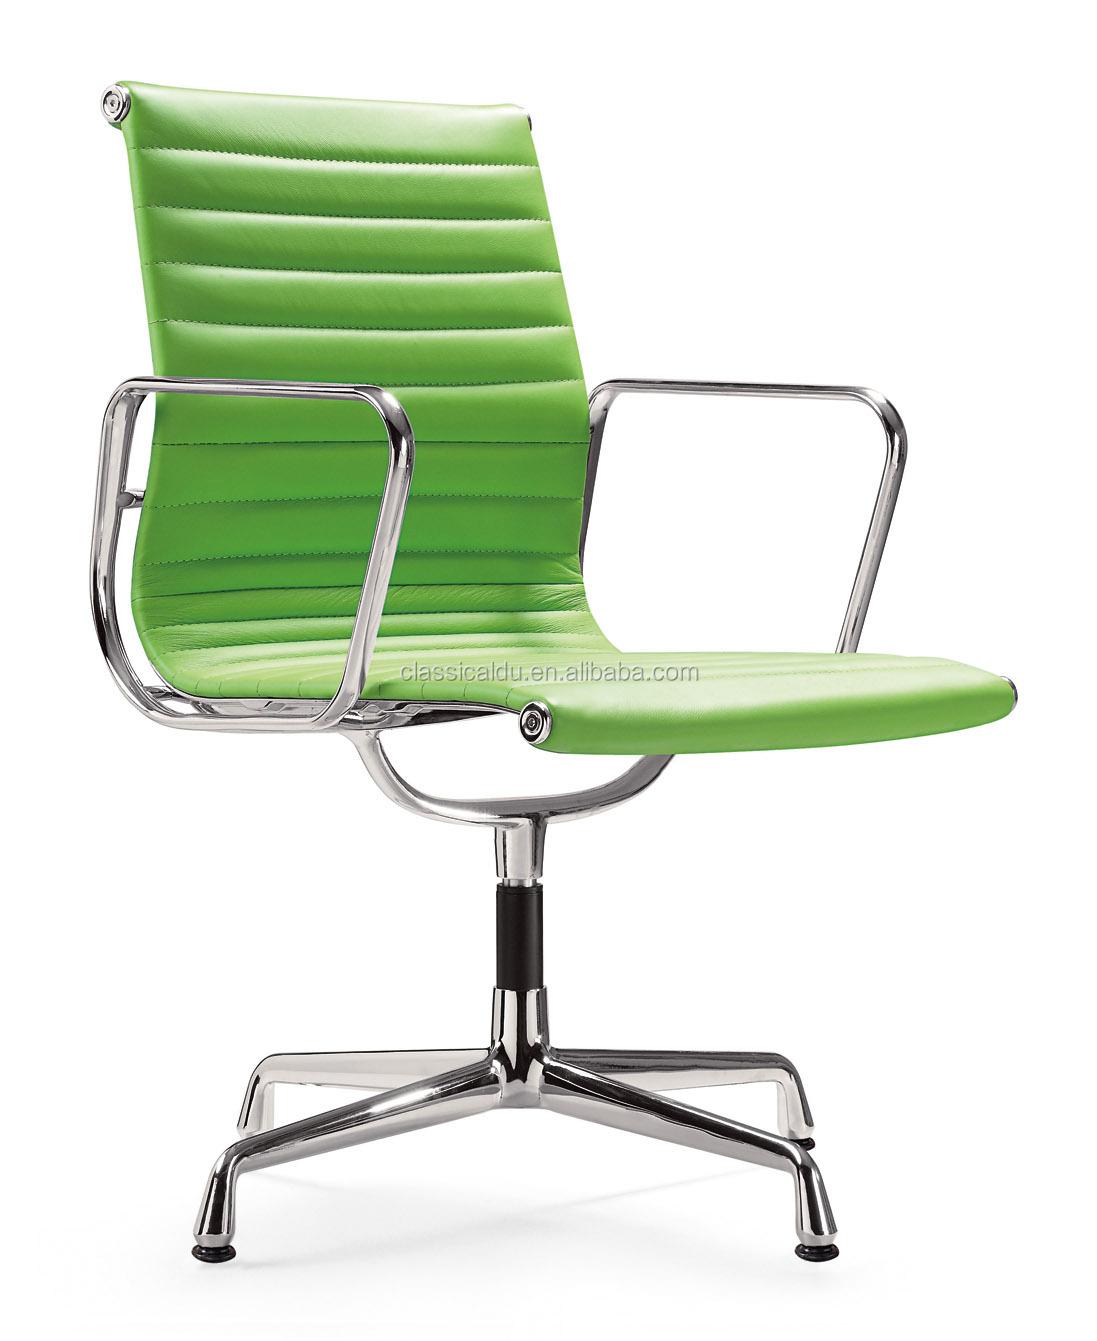 base de chaise de bureau allemande chaises de bureau chaise de bureau ascenseur de gaz chaise. Black Bedroom Furniture Sets. Home Design Ideas